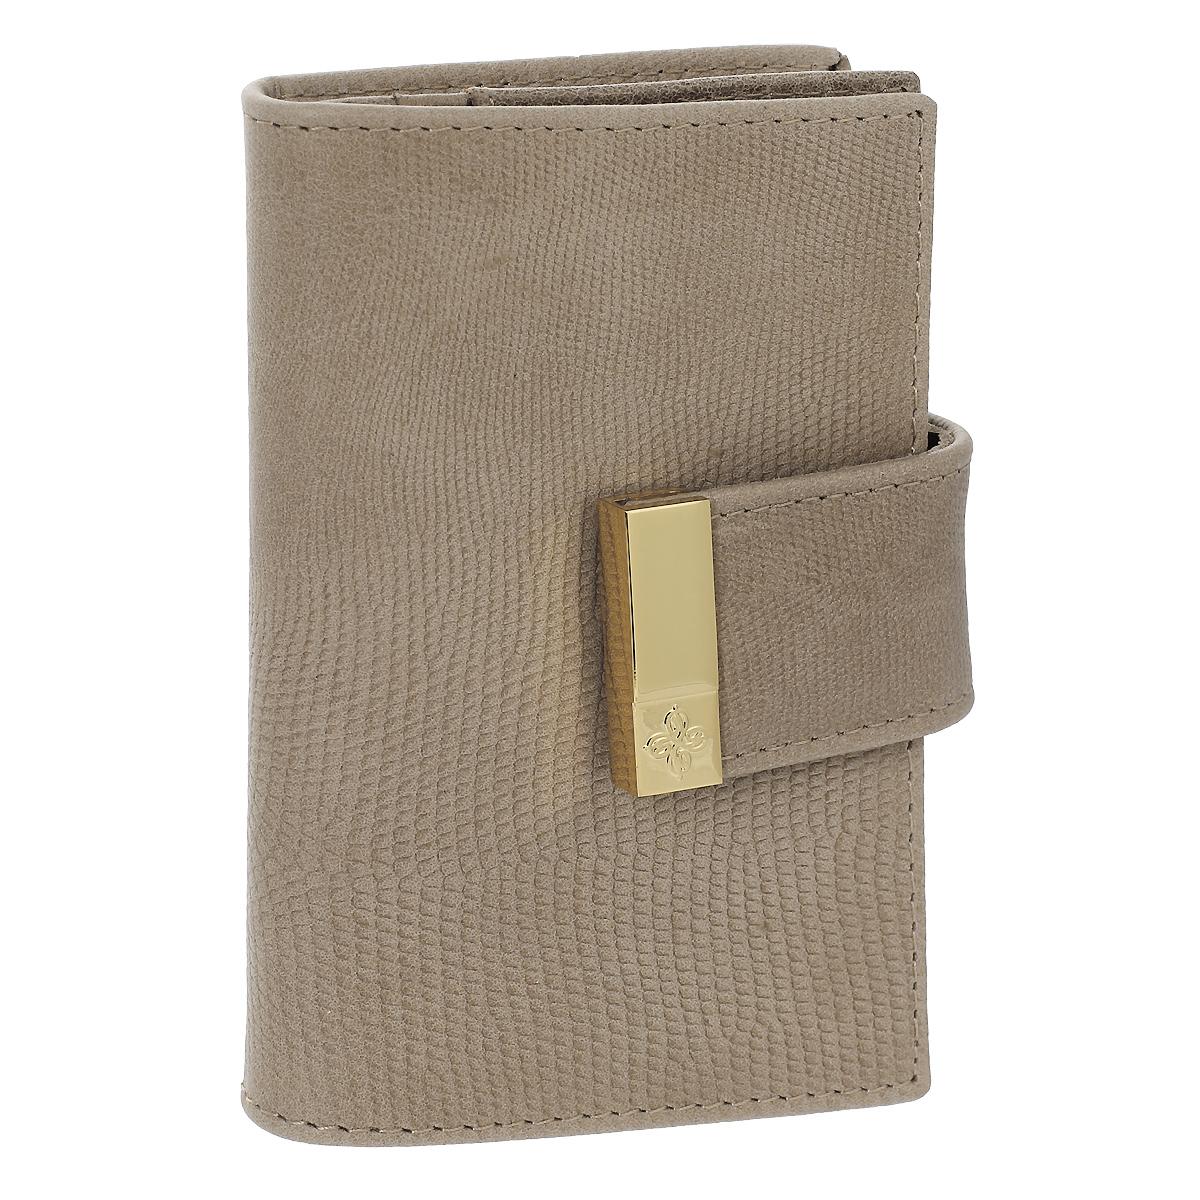 Футляр для кредитных карт Dimanche Elite Beige, цвет: бежевый. 737INT-06501Футляр для дисконтных карт Elite Beige выполнен из натуральной мягкой высококачественной кожи с тиснением под кожу варана. Внутри отделение для карт, два накладных кармашка, а также отделение с прозрачным окошком. Футляр закрывается на хлястик с кнопкой. Изделие упаковано в фирменную картонную коробку. Характеристики:Материал: натуральная кожа, текстиль, металл. Цвет: бежевый. Размер футляра: 10,5 см х 7 см х 1,5 см.